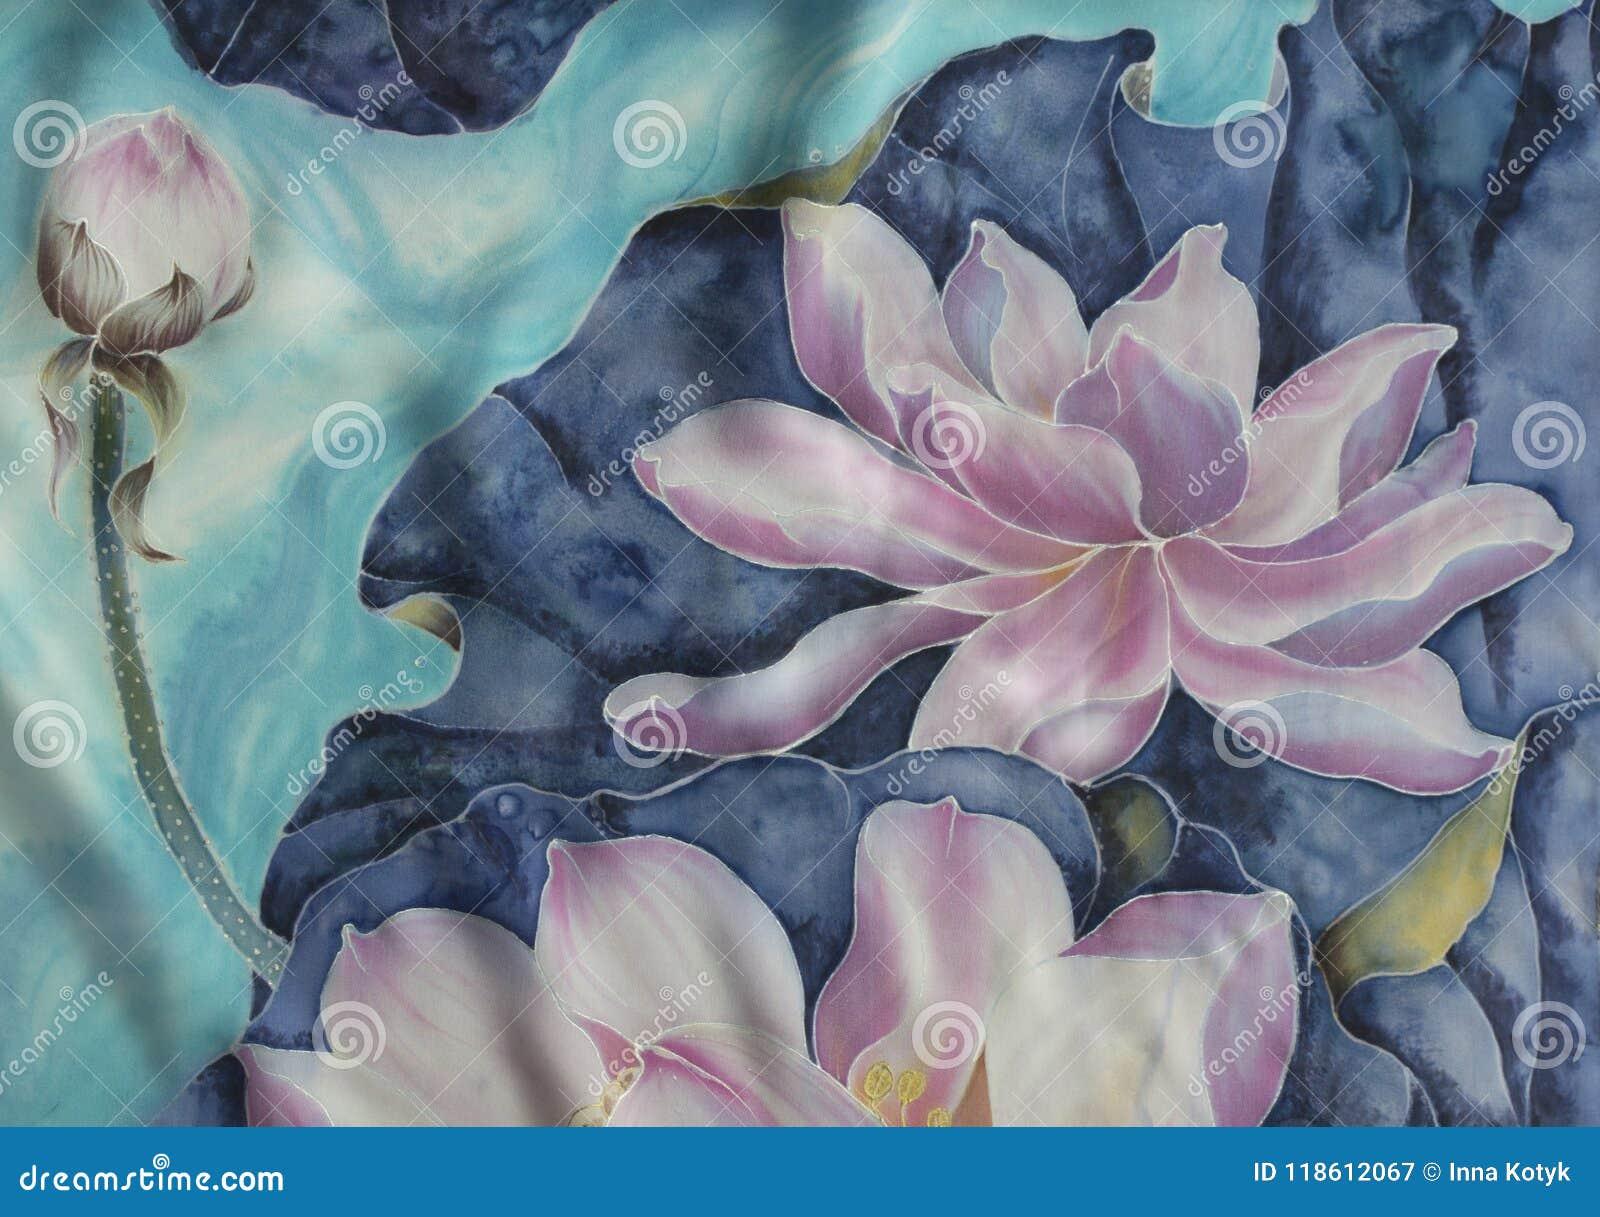 莲花 细麻花布 花,叶子,芽的装饰构成 使用铅印材料,标志,项目,网站,地图,海报,